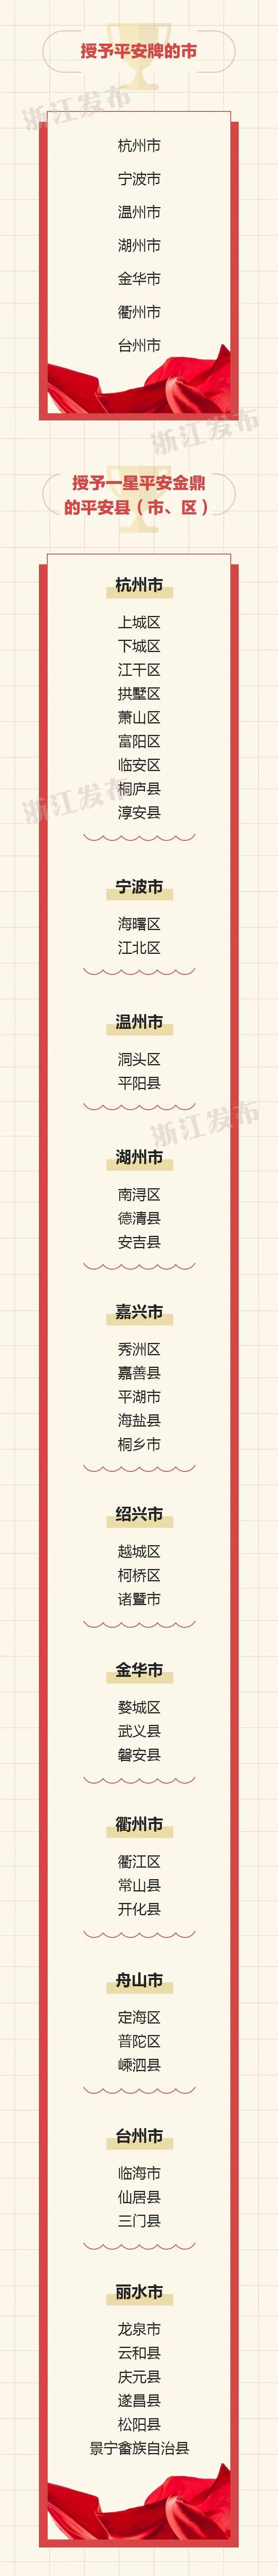 浙江省2019年度平安金鼎平安牌平安市、平安县(市、区)名单2